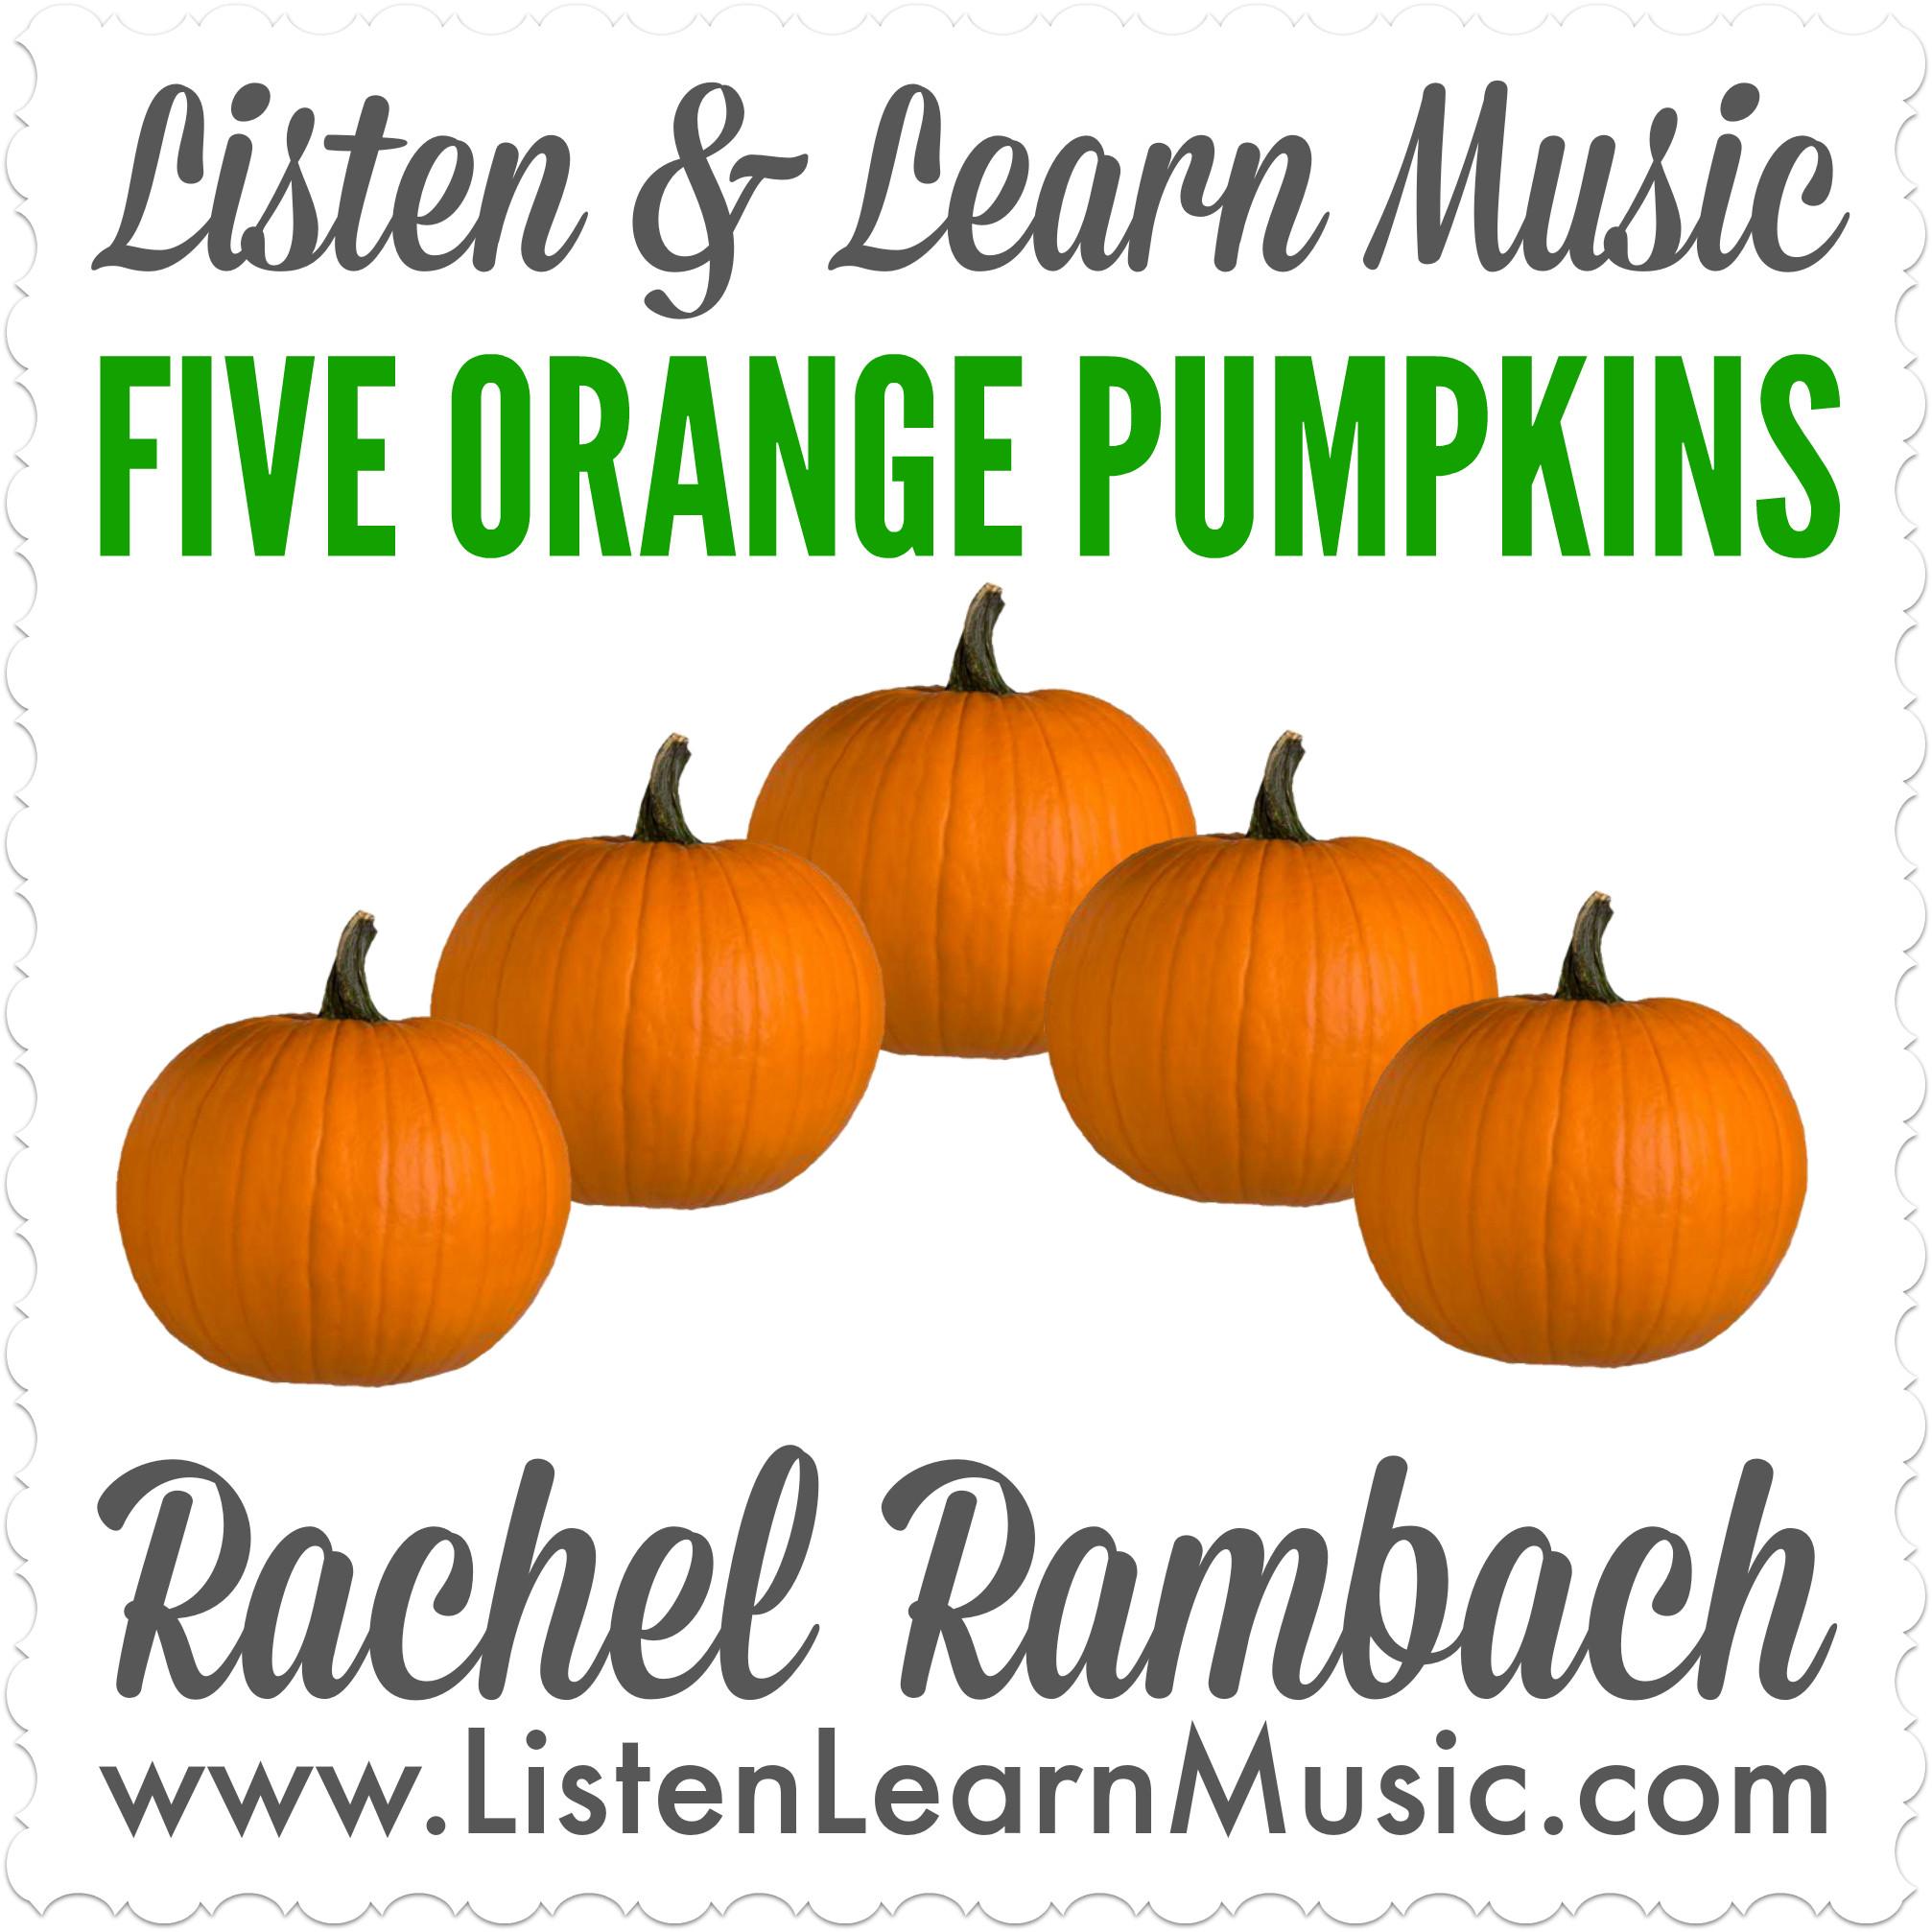 Five Orange Pumpkins | Listen & Learn Music